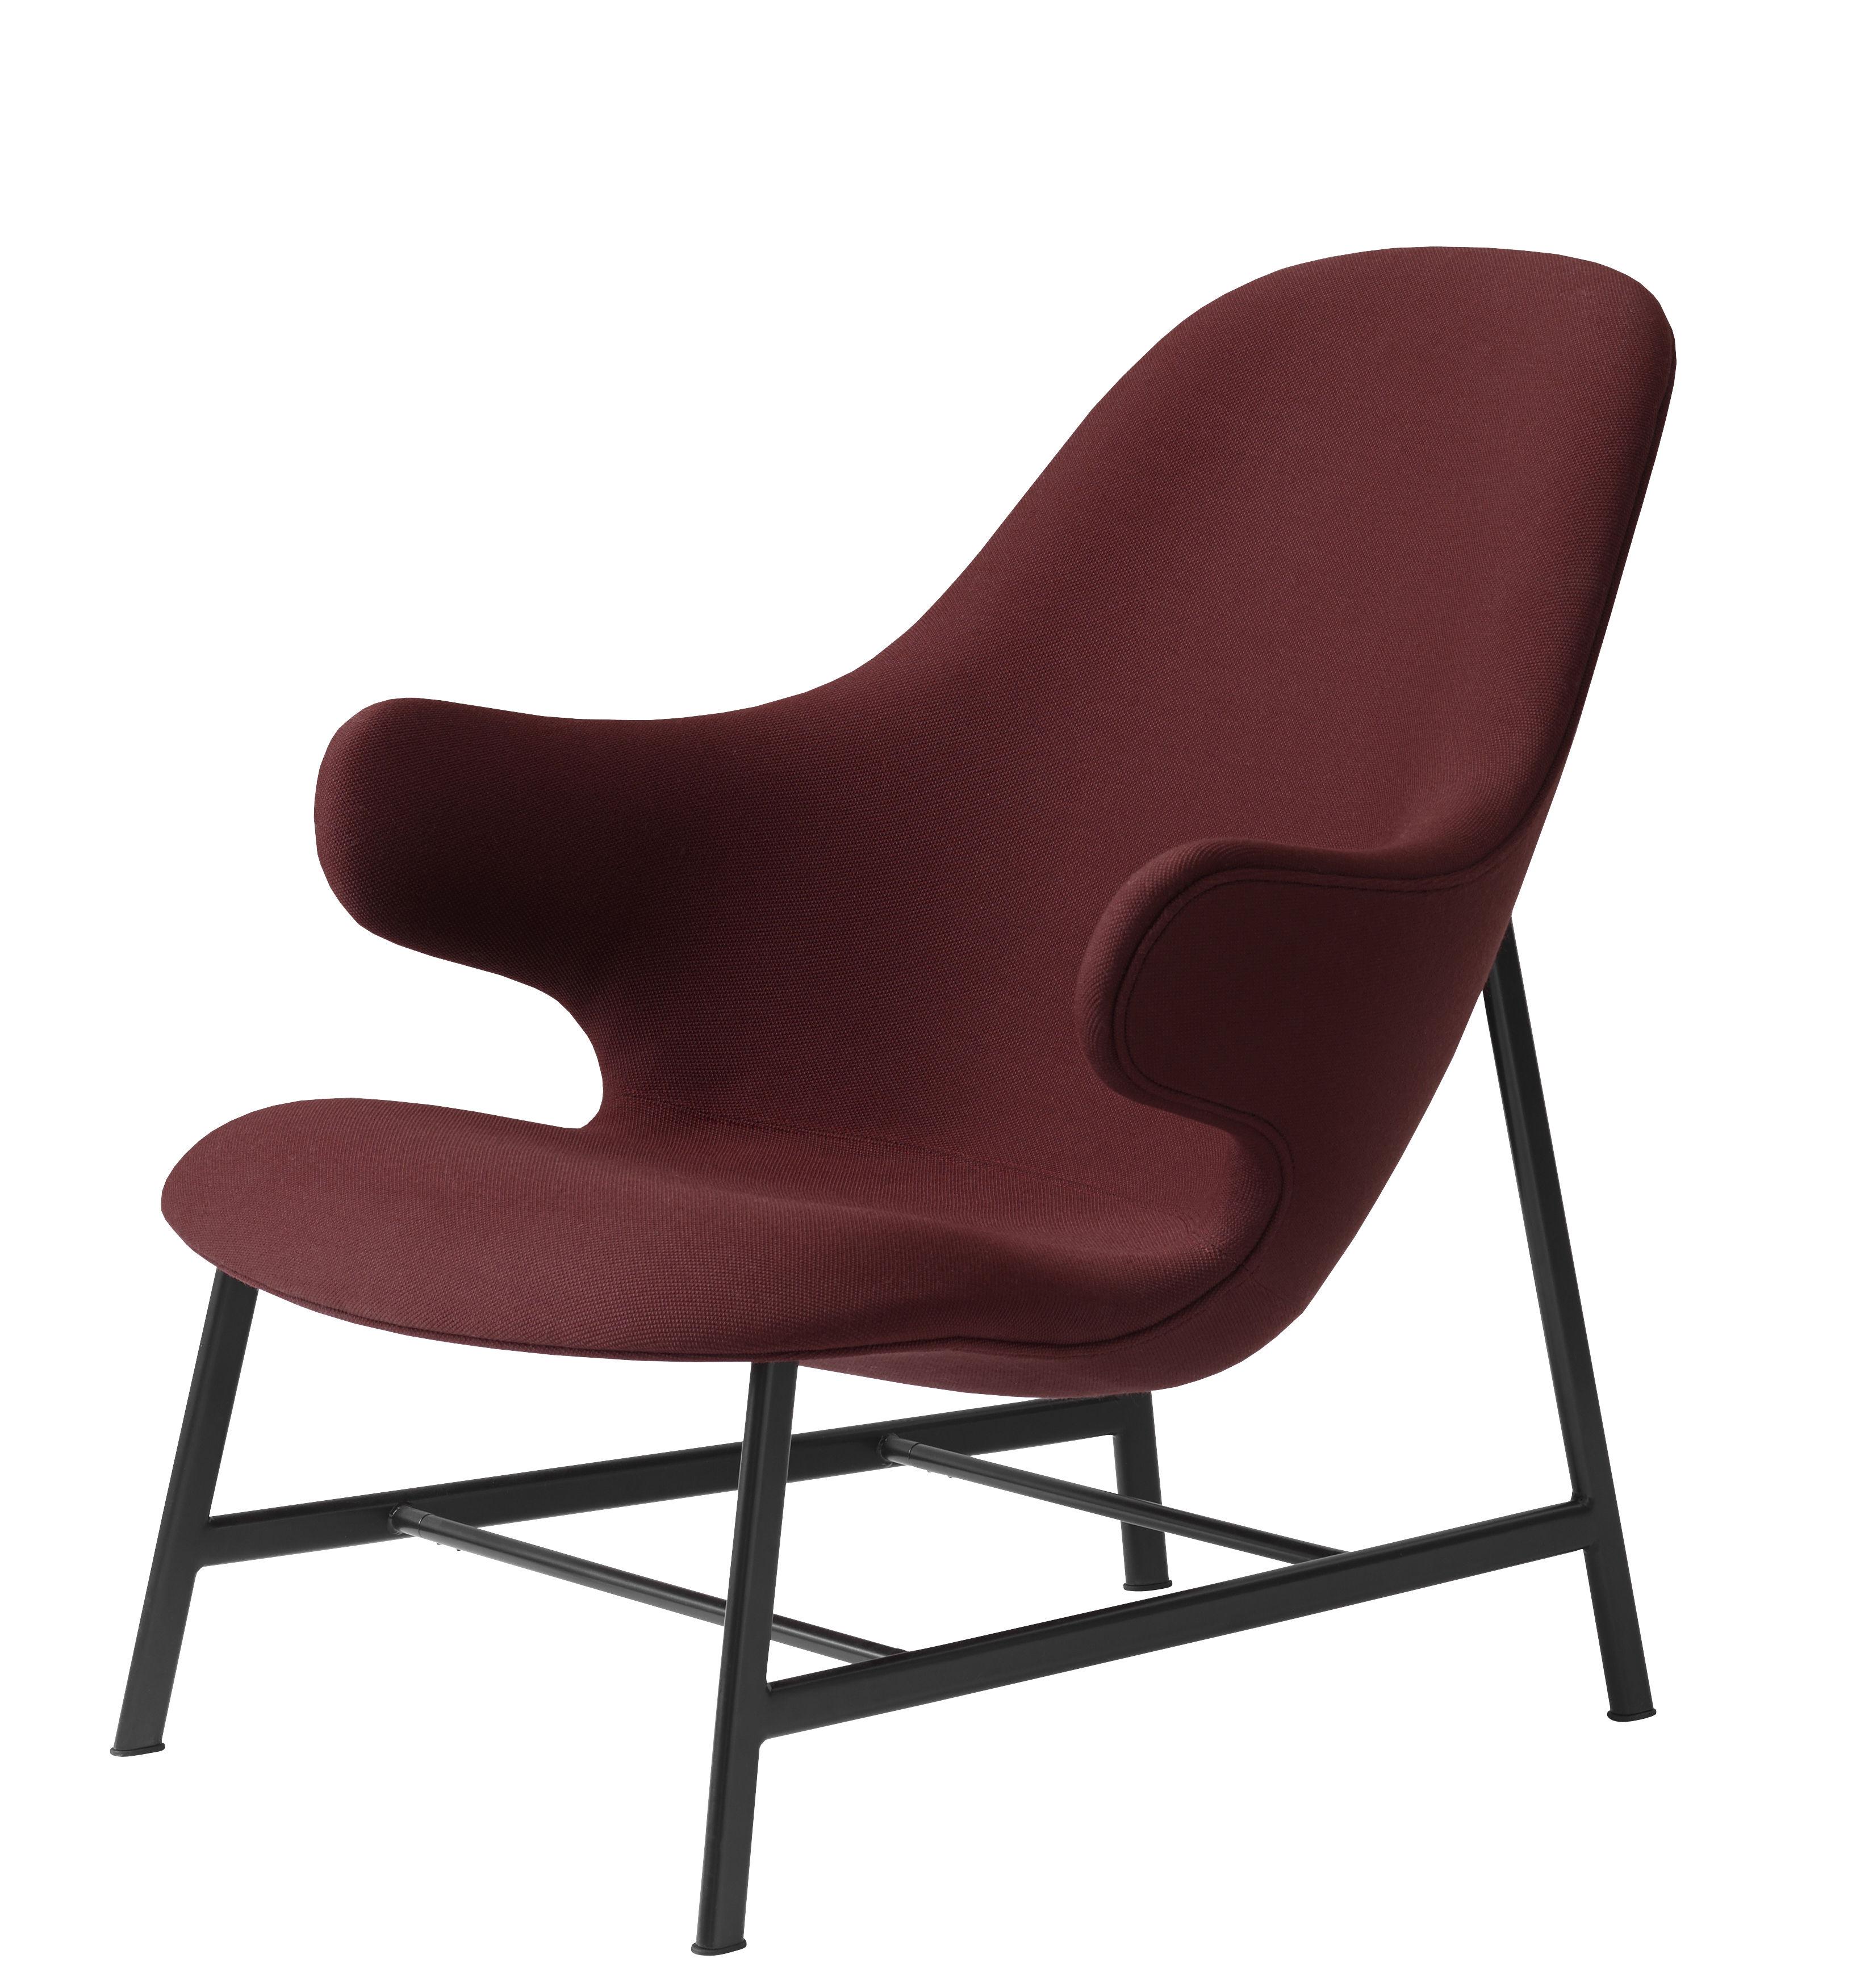 Arredamento - Poltrone design  - Poltrona bassa Catch Lounge - / Tessuto kvadrat & gambe acciaio di &tradition - Rosso / Gambe: acciaio nero - Acciaio verniciato, Schiuma di poliuretano, Tessuto Kvadrat